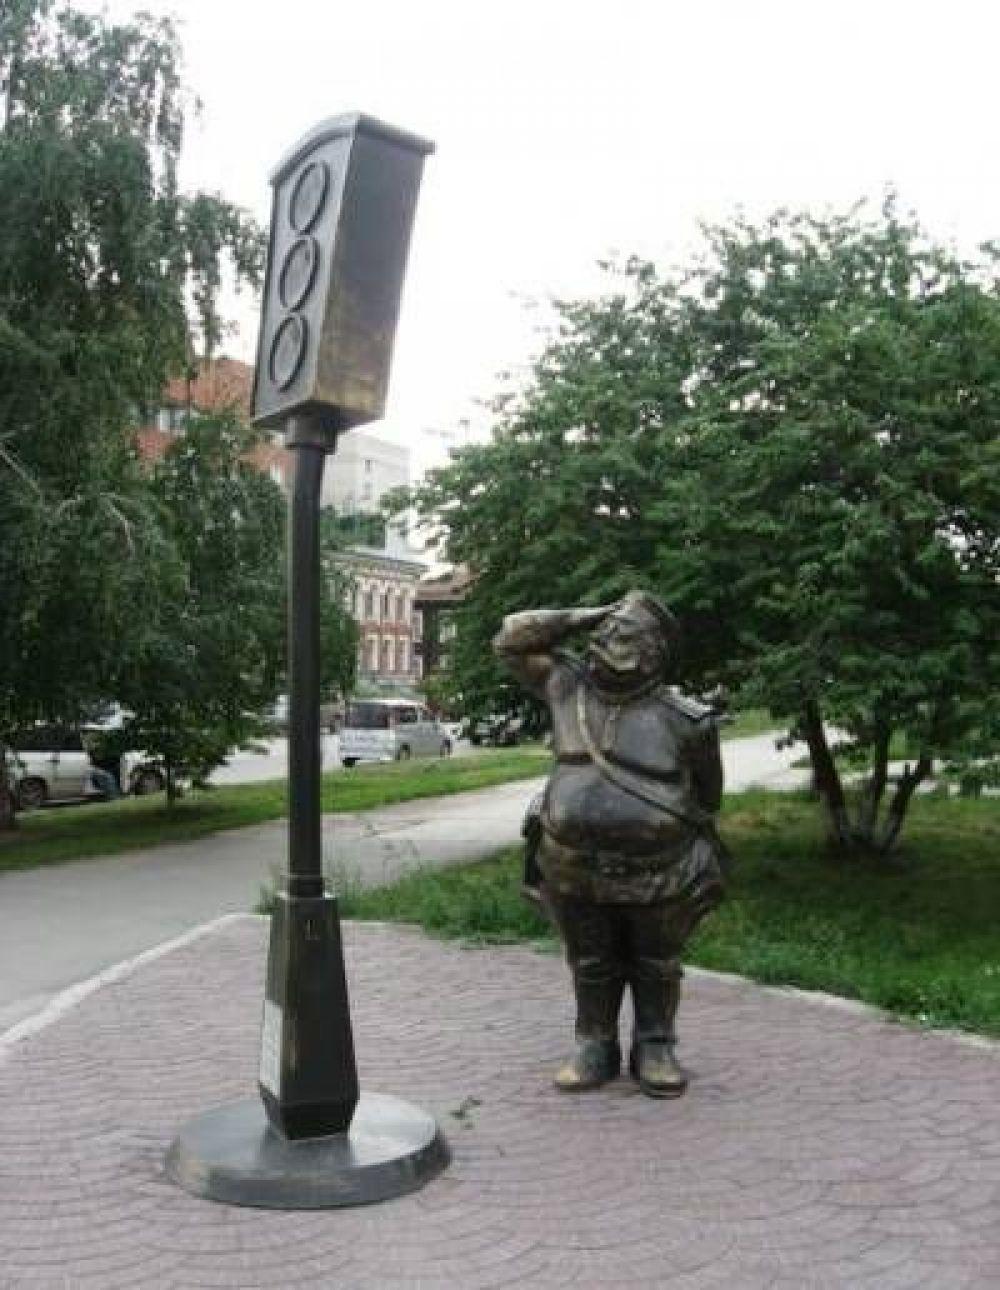 В России есть памятник светофору. Он установлен в Новосибирске в 2006 году